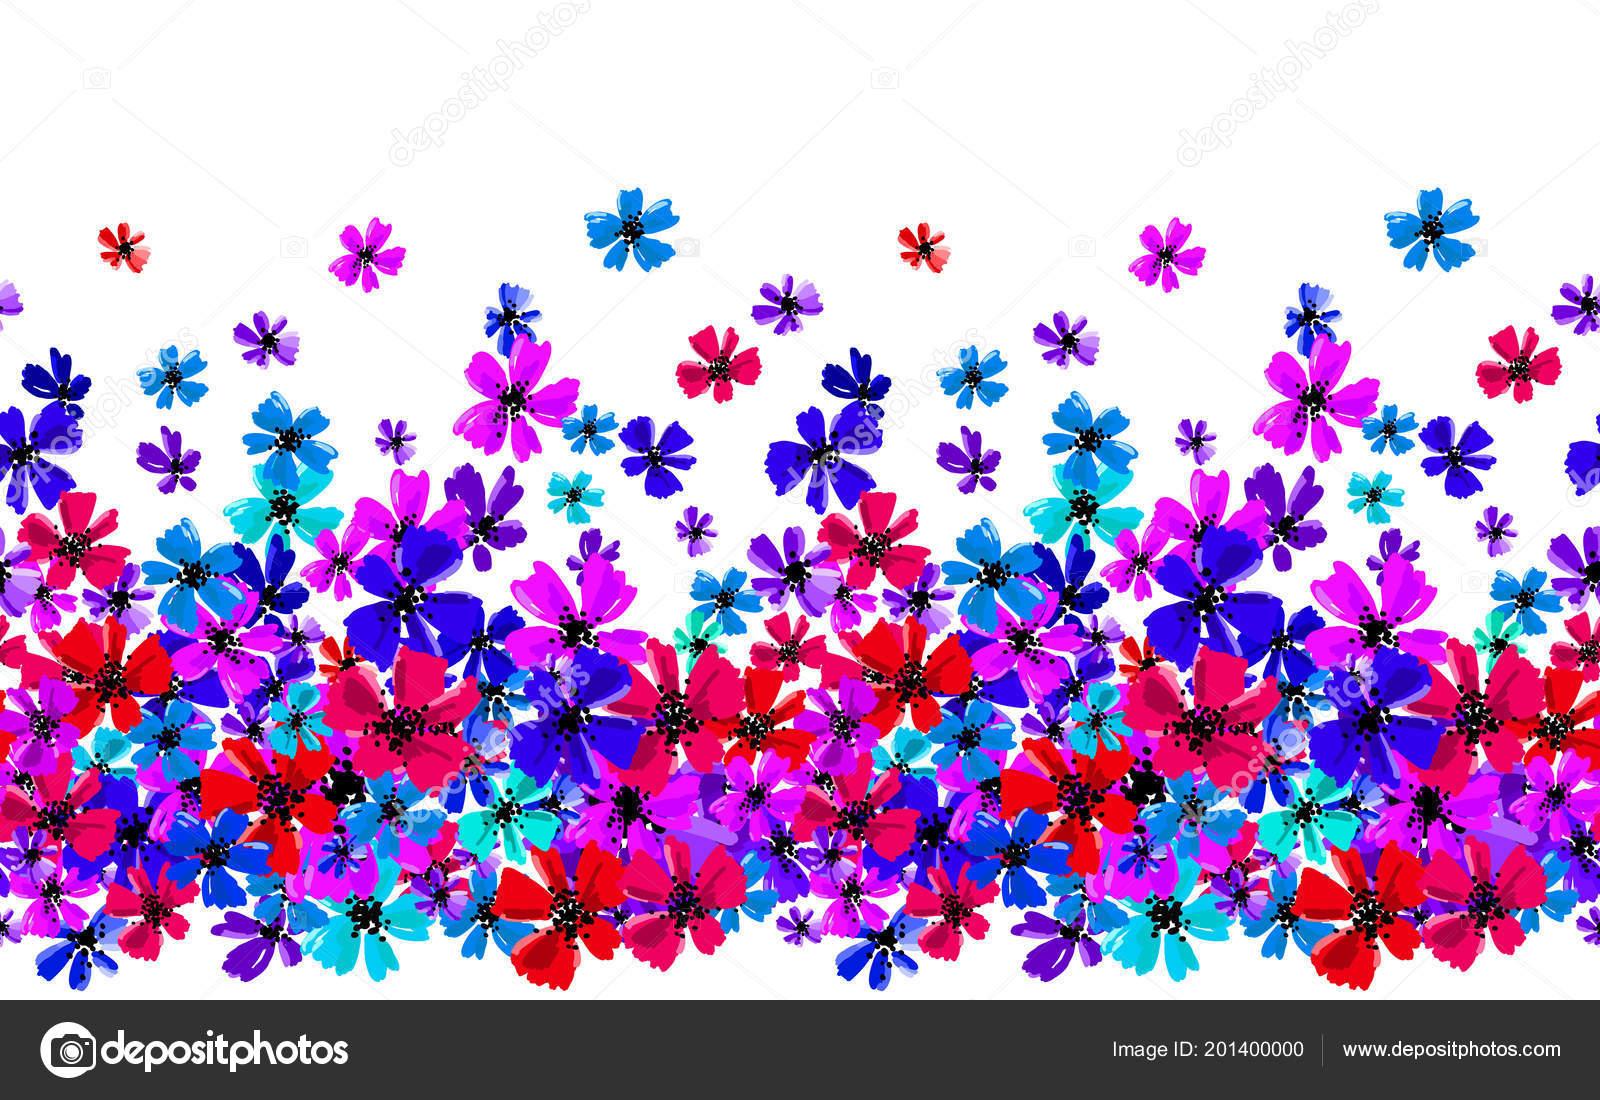 手描きの花多色明るい芸術的な植物イラスト分離花要素再現性のある